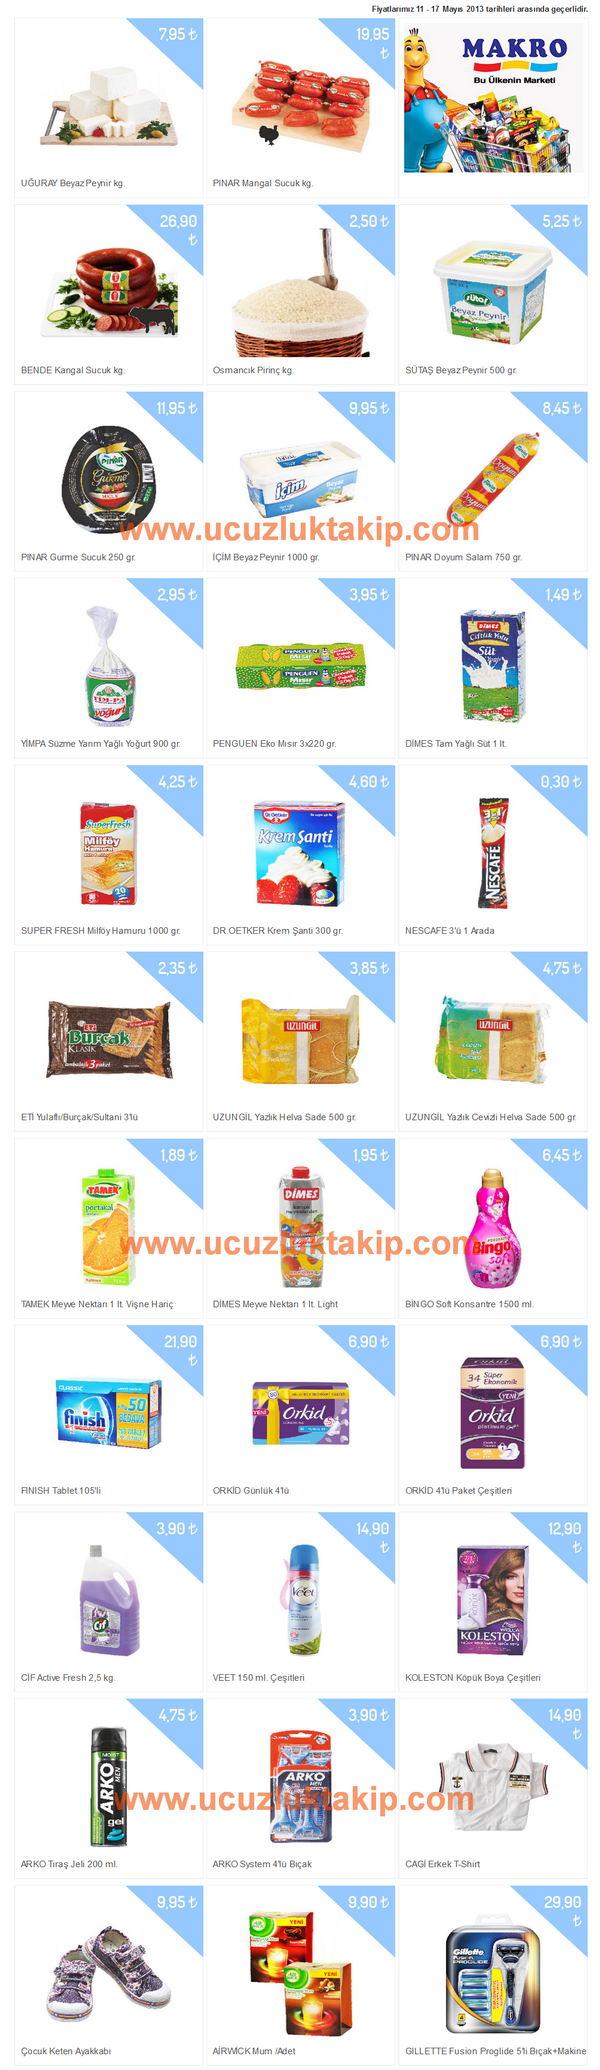 Makromarket - Promosyonlar-11-17 Mayıs